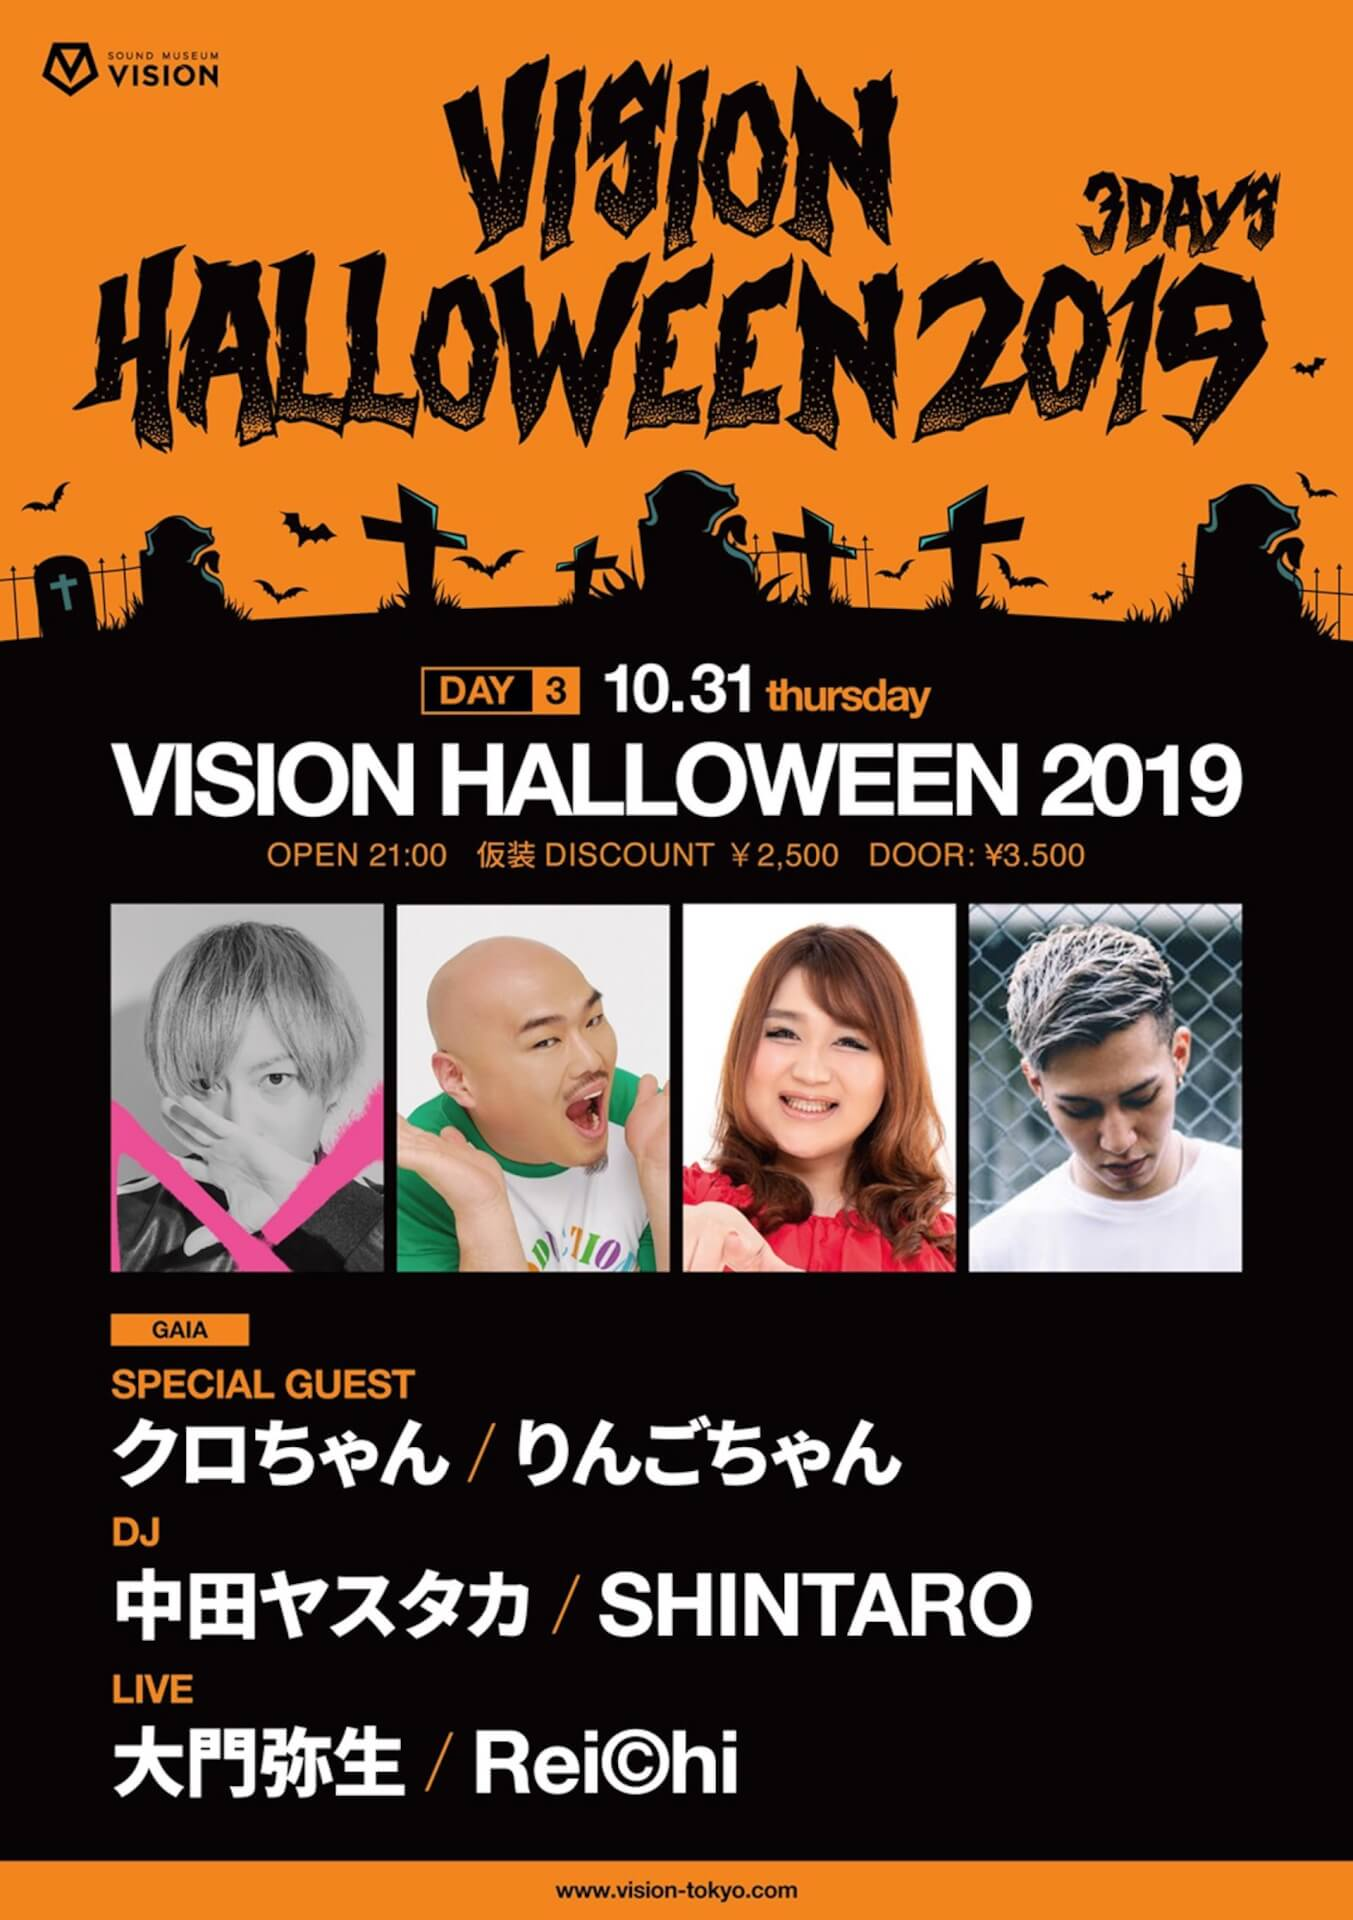 毎年恒例、ハロウィンは仮装して渋谷VISIONへ!りんごちゃん、安田大サーカス・クロちゃんがダブルヘッダーで登場 S__158138381